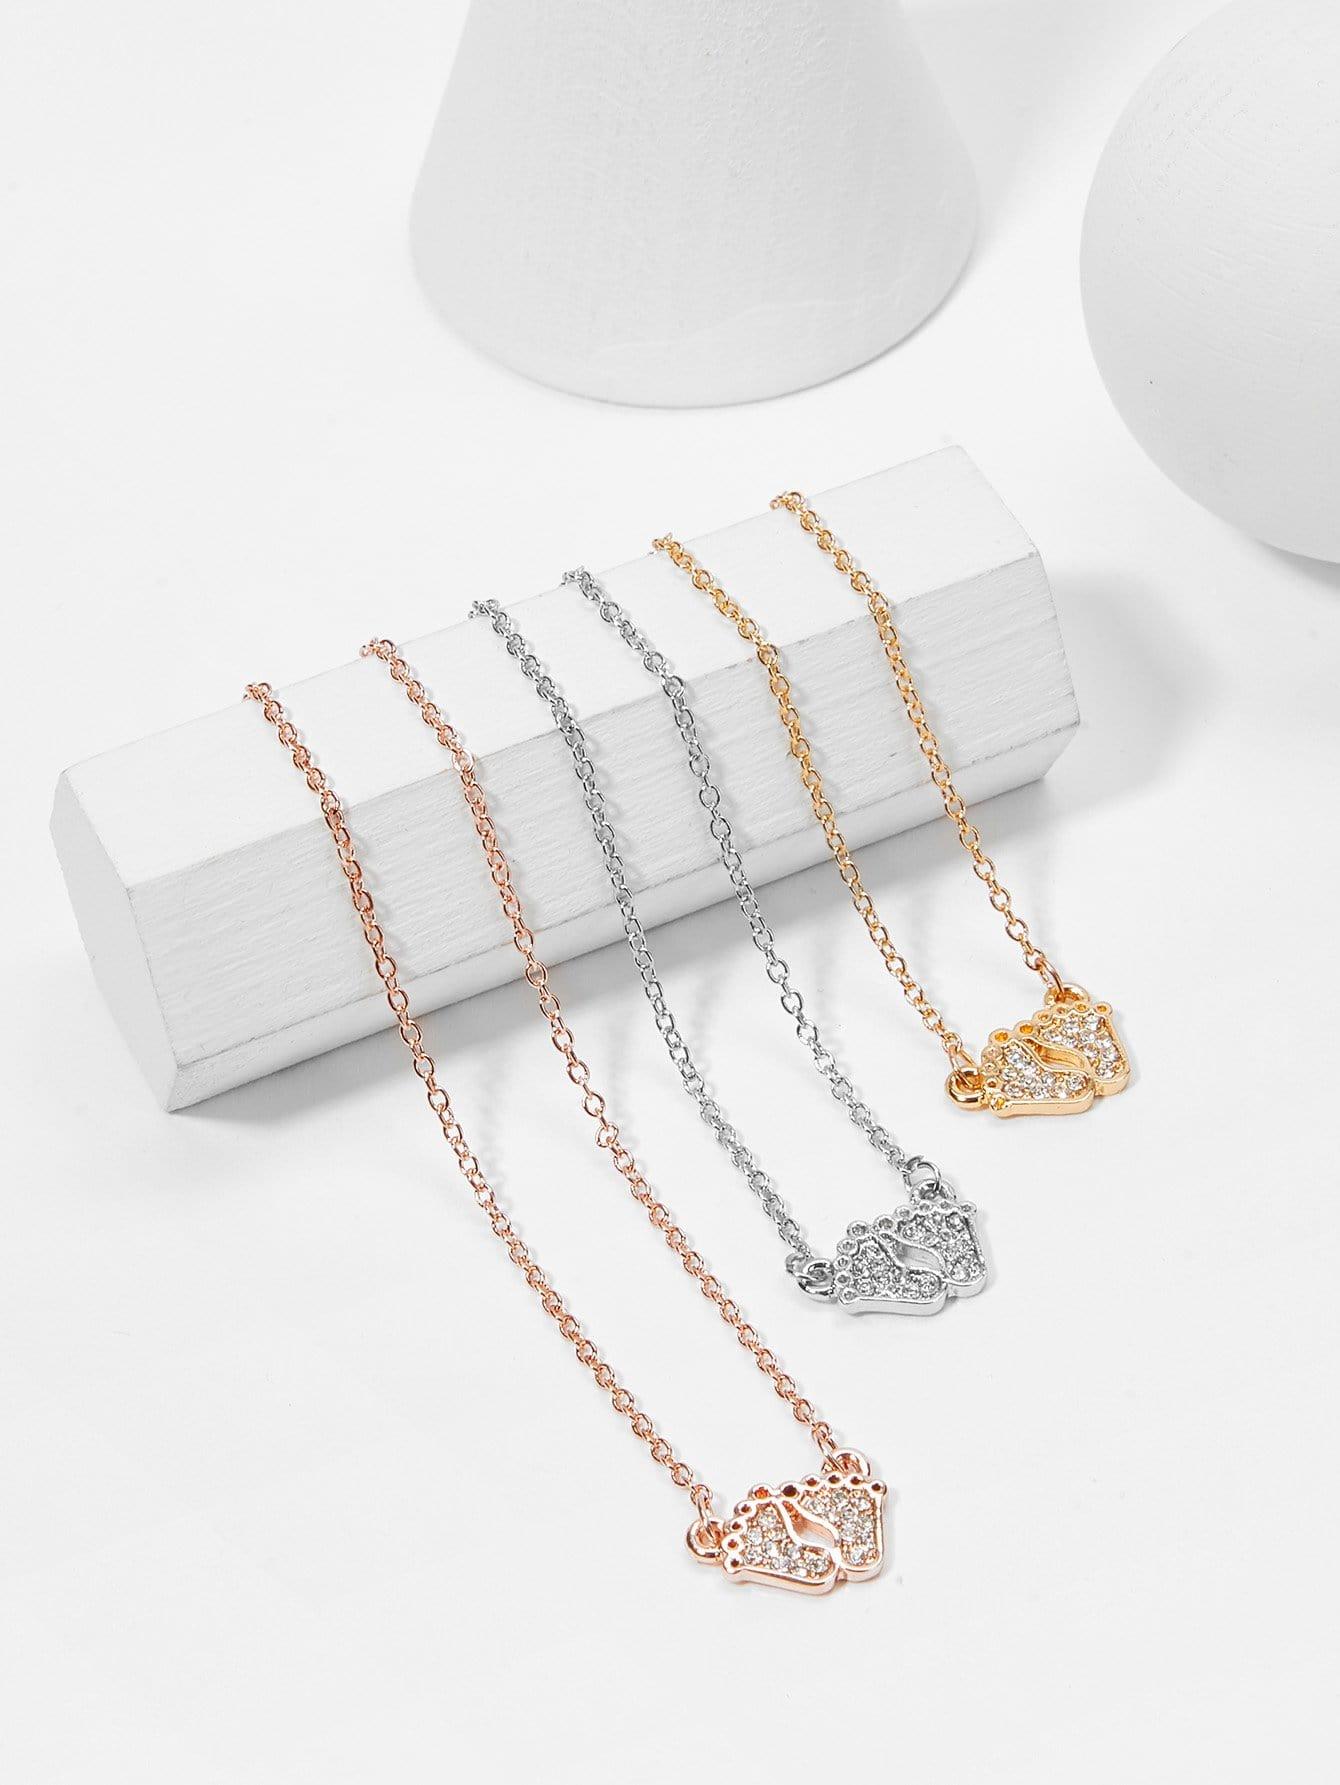 Footprint Pendant Chain Necklace Set 3pcs hollow heart pendant necklace set 3pcs